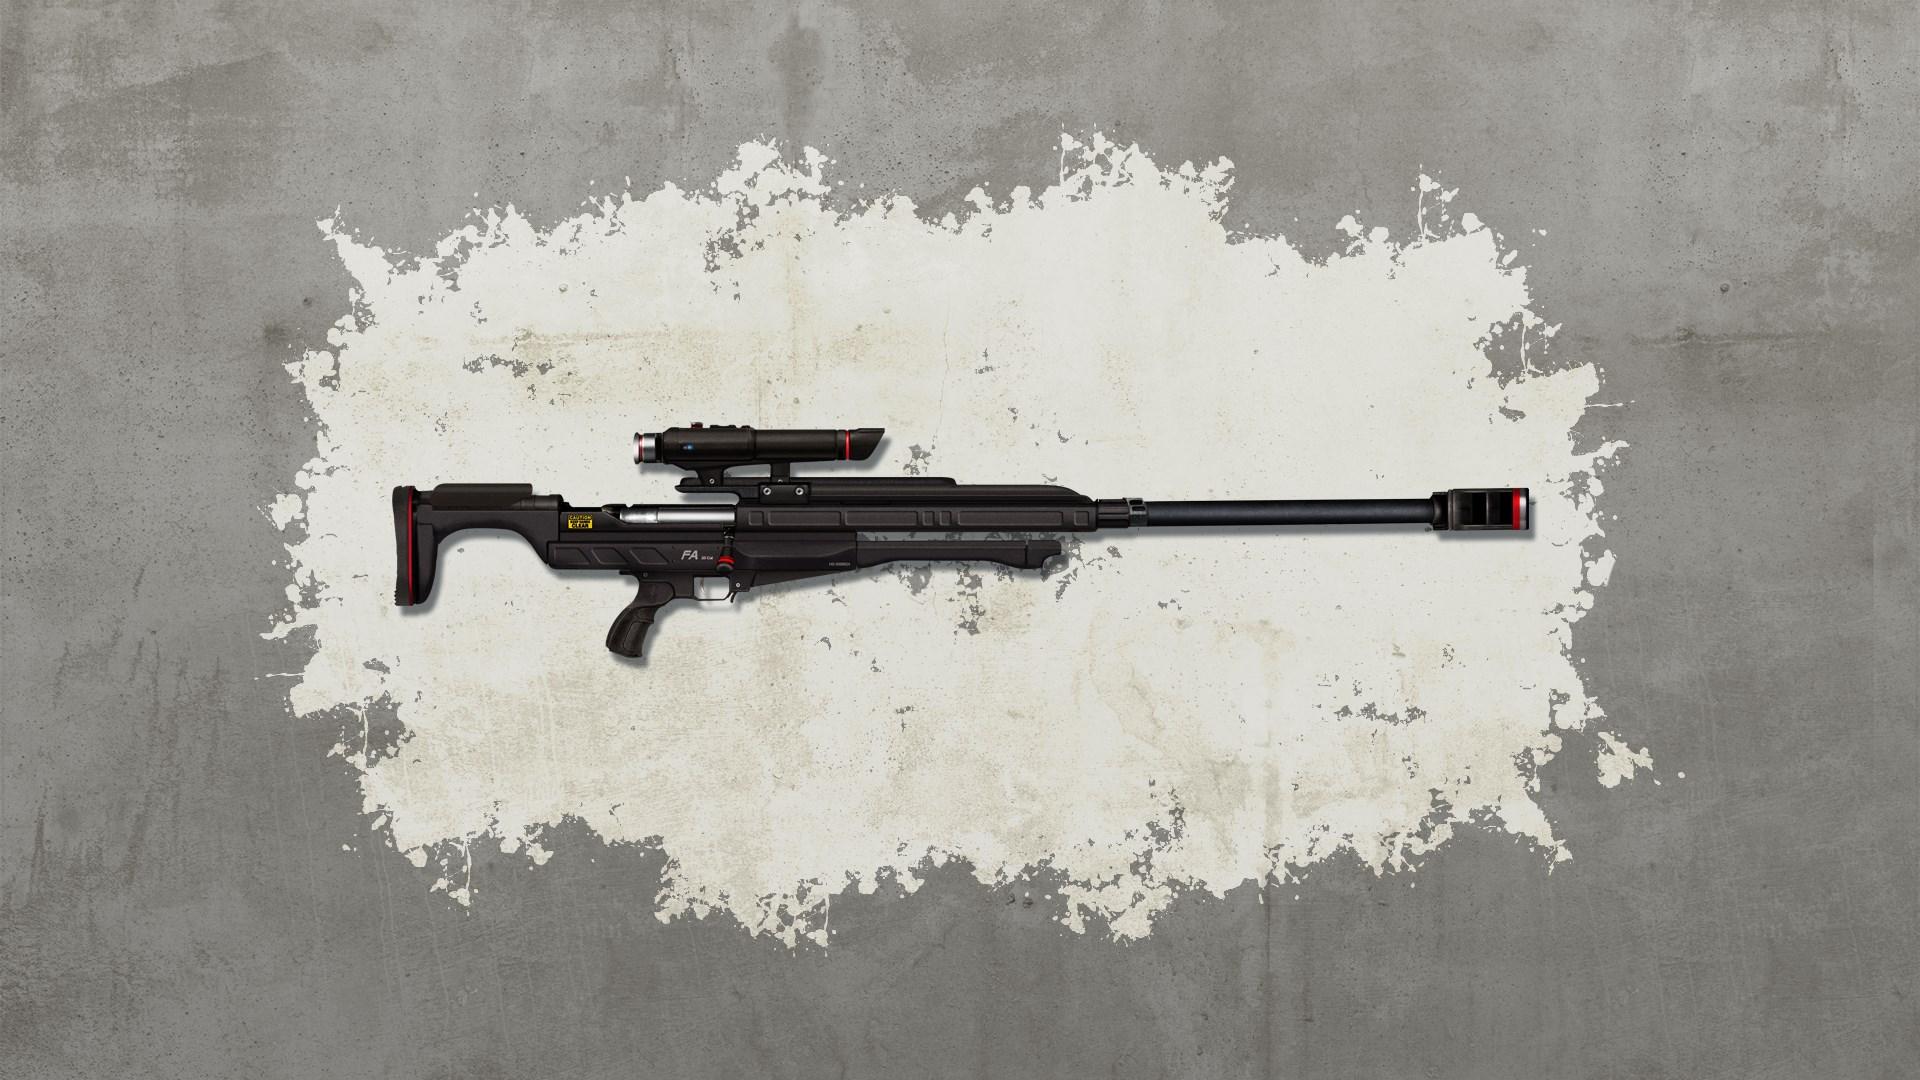 Ruhe-sanft-Scharfschützengewehr